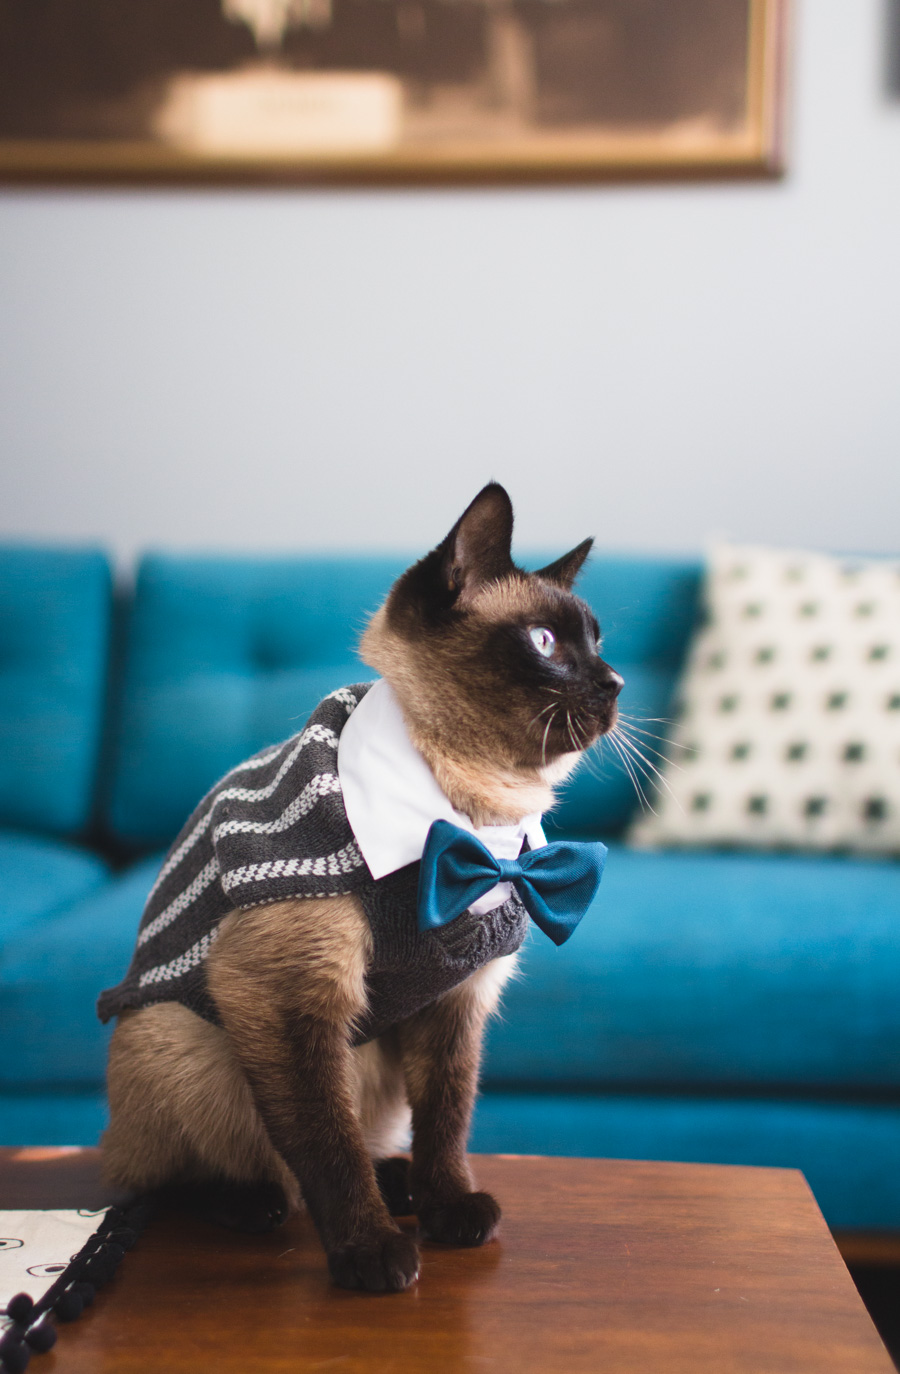 siamese cat, bowtie, dressed up cat, businessman cat